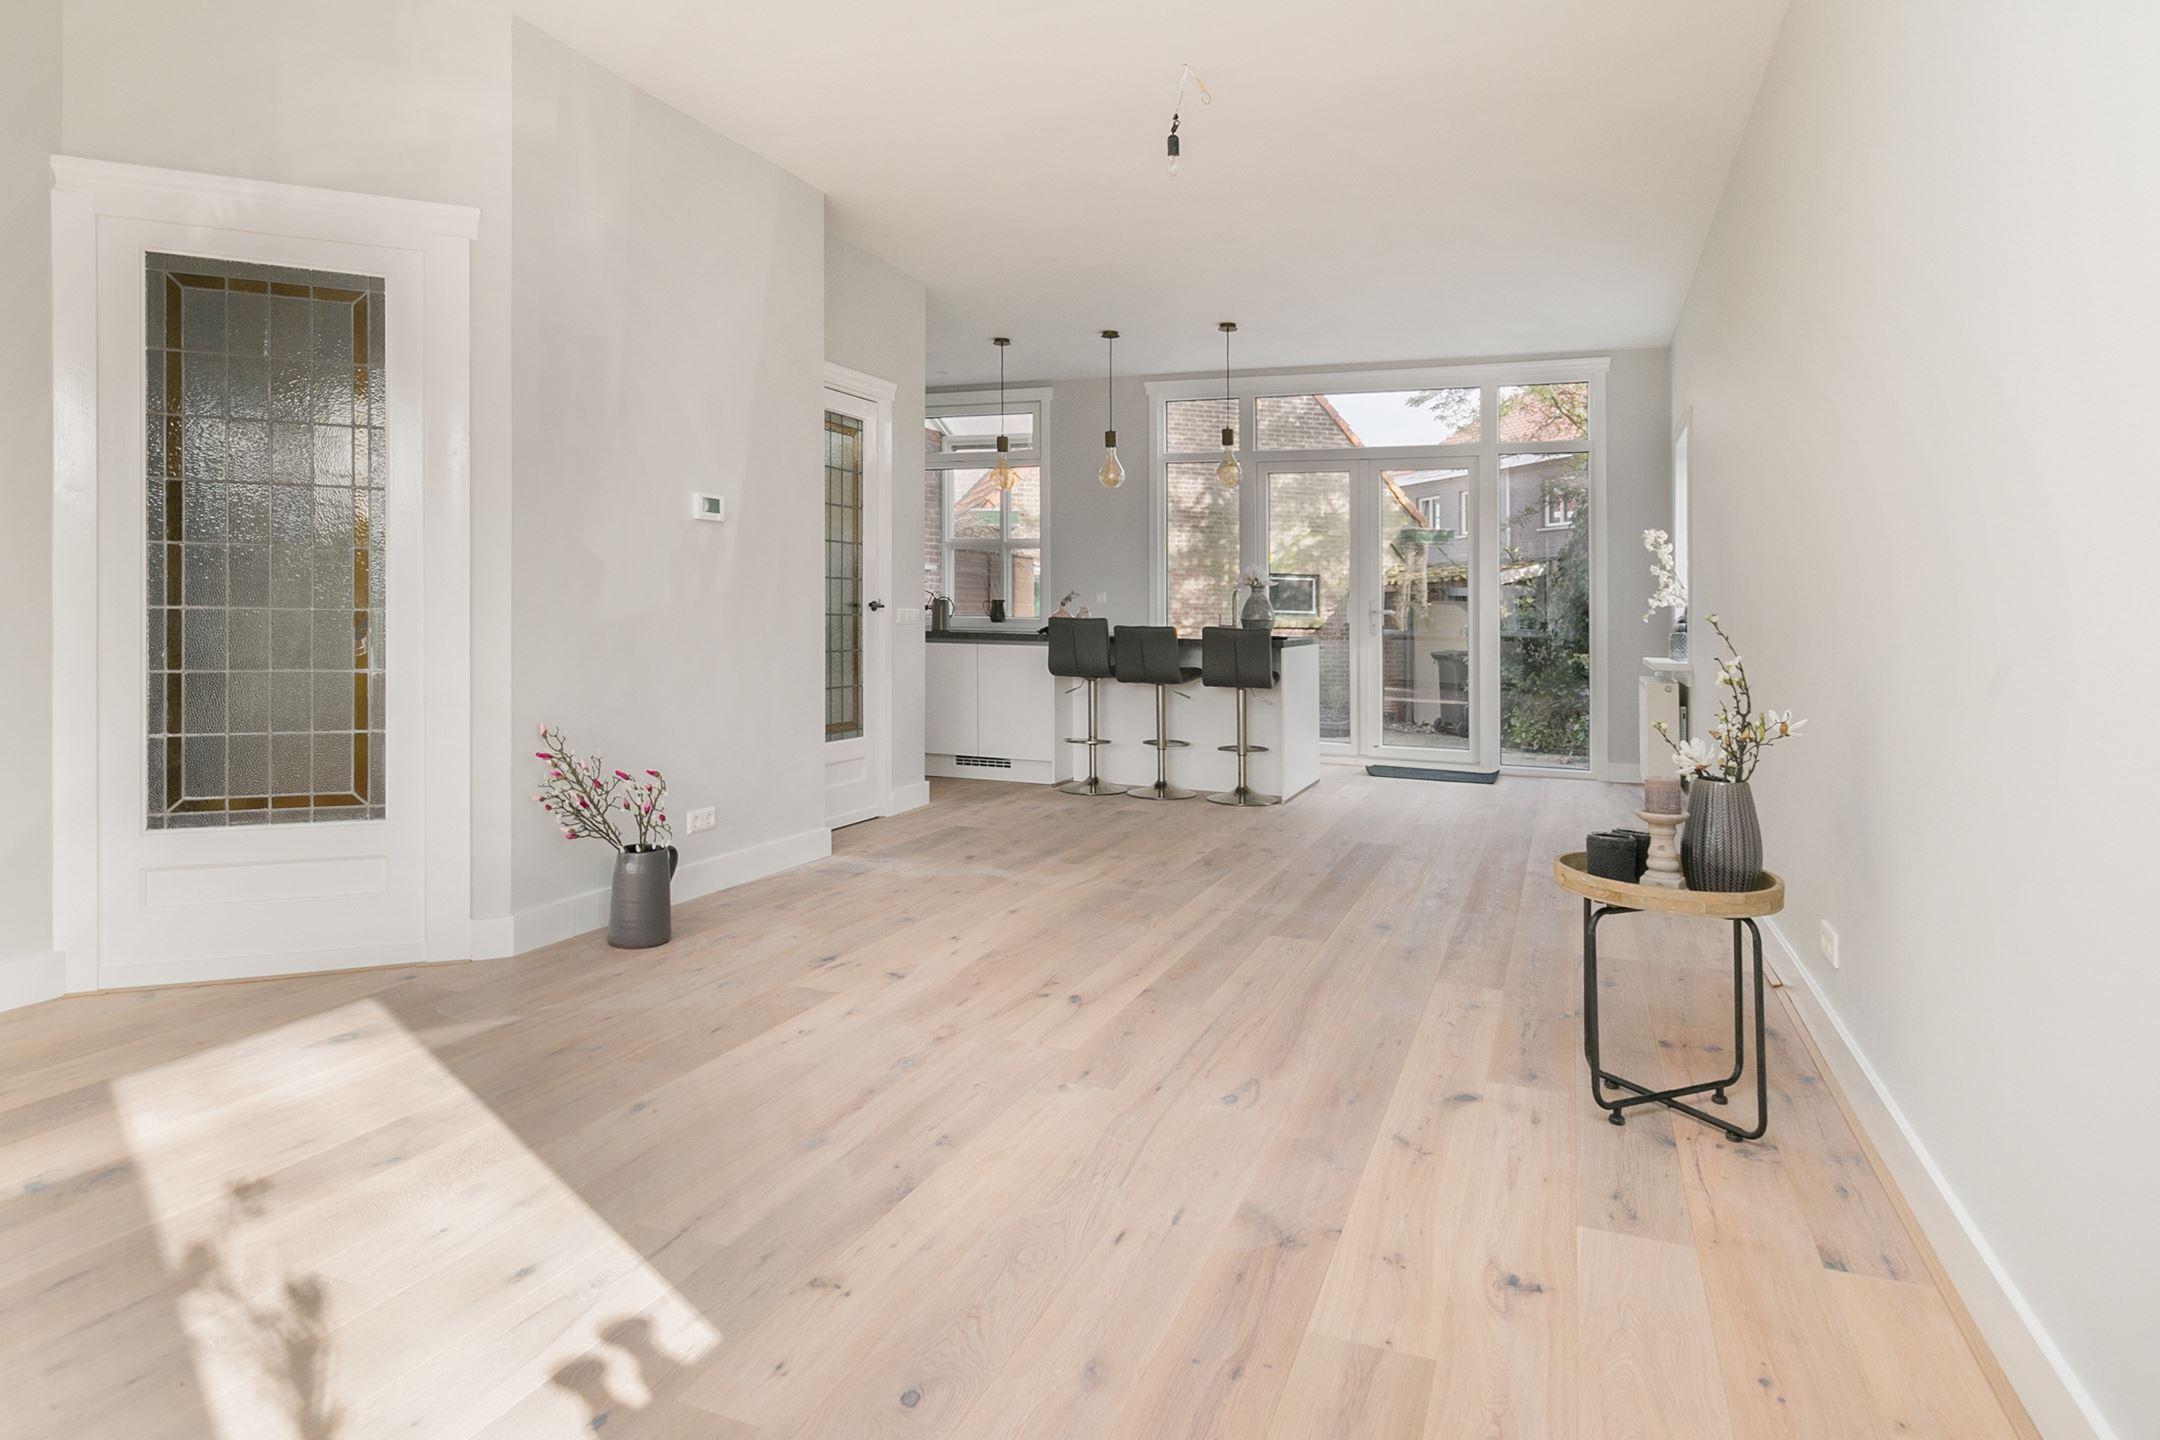 Keukeneiland T Opstelling : House for sale binckhorstlaan vm voorburg funda